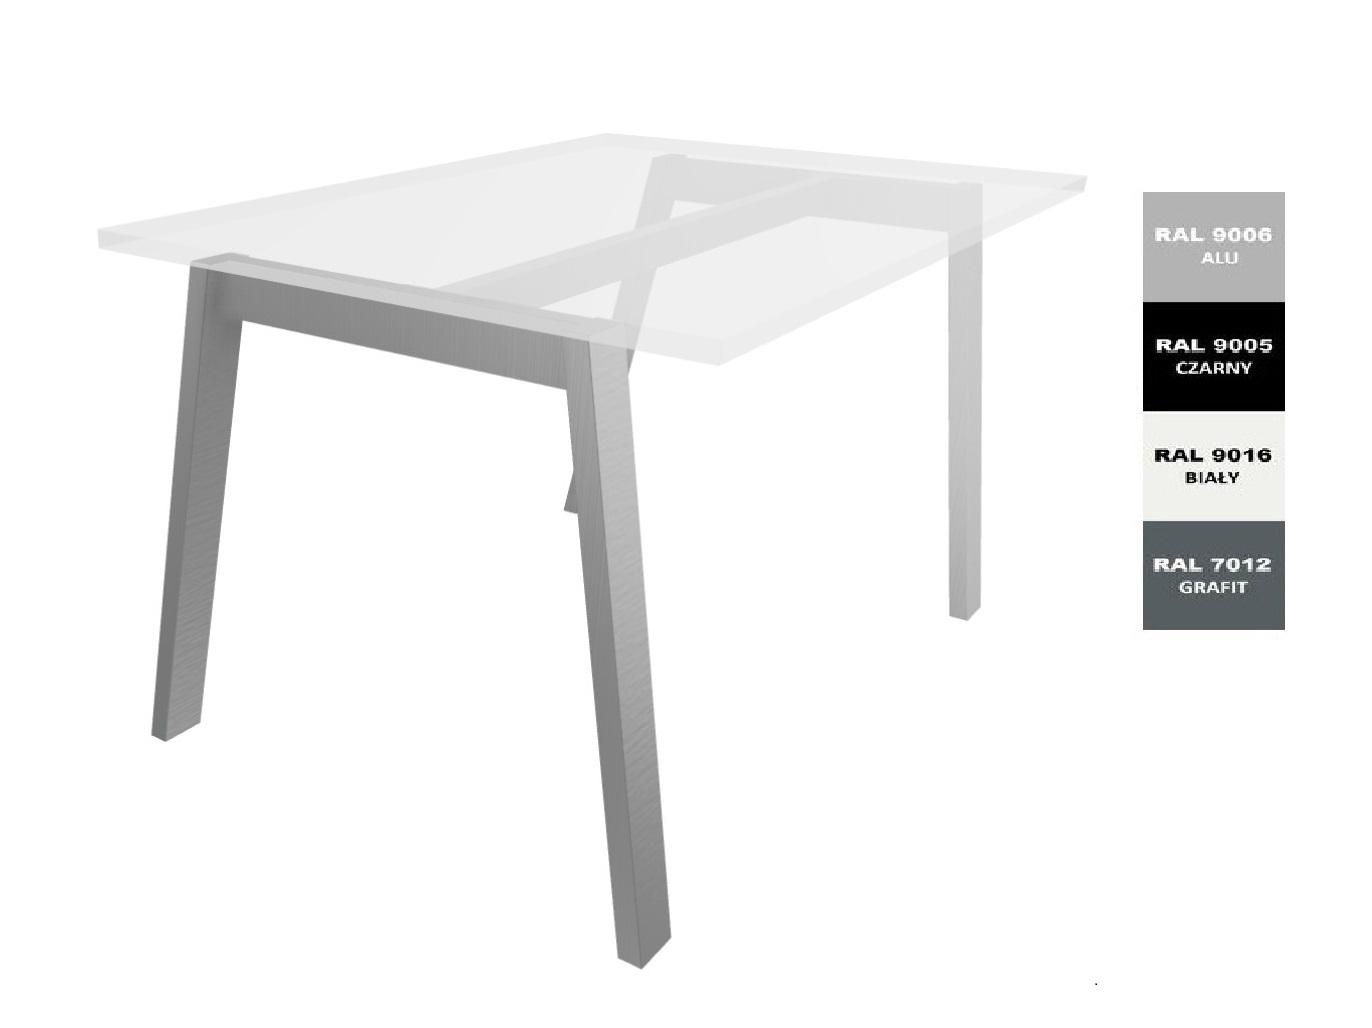 Stelaż metalowy do biurka lub stołu  ST-V - 1 belka podblatowa- głębokość 67 cm